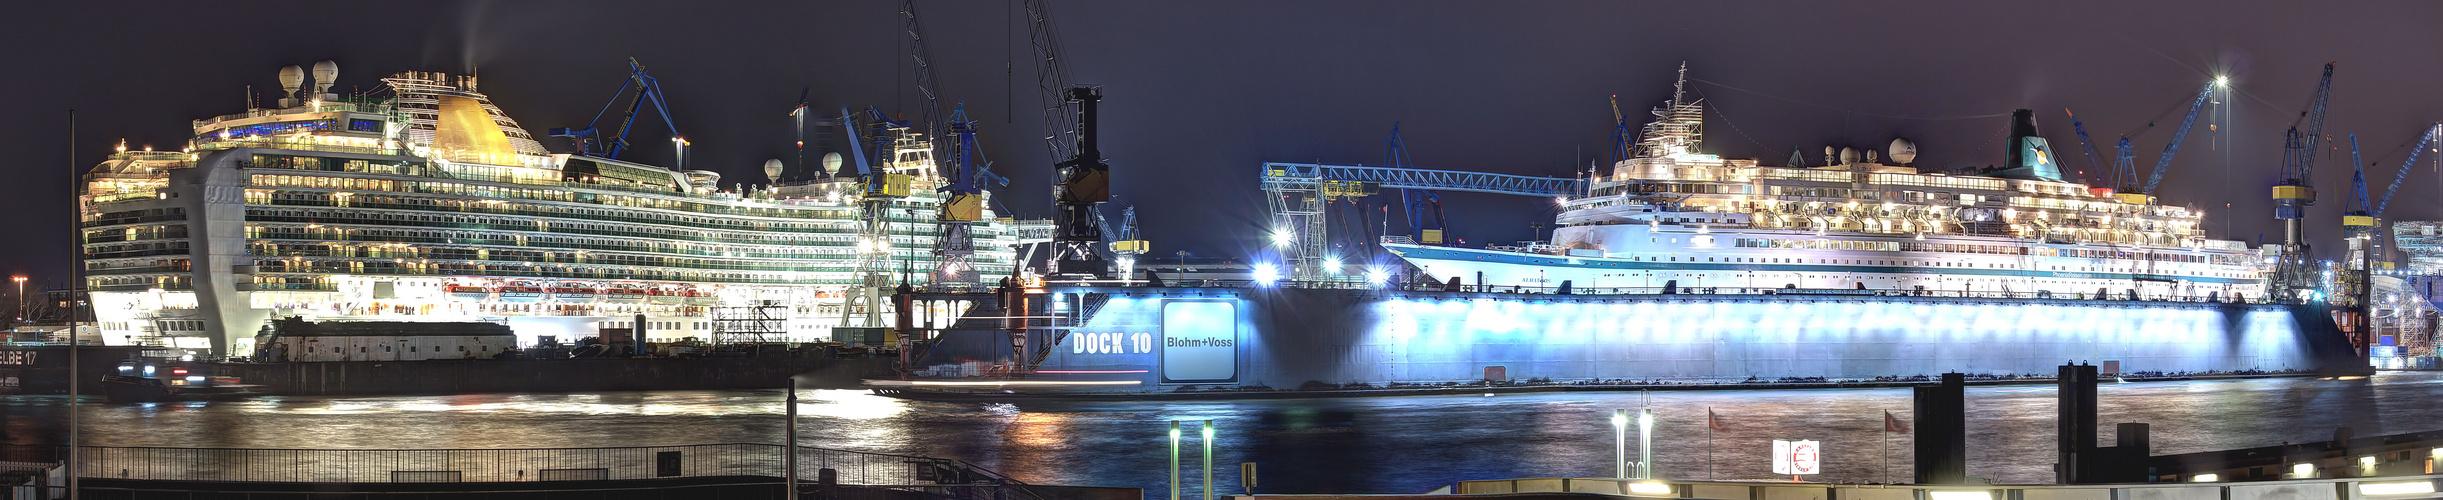 Dock 17 + 10